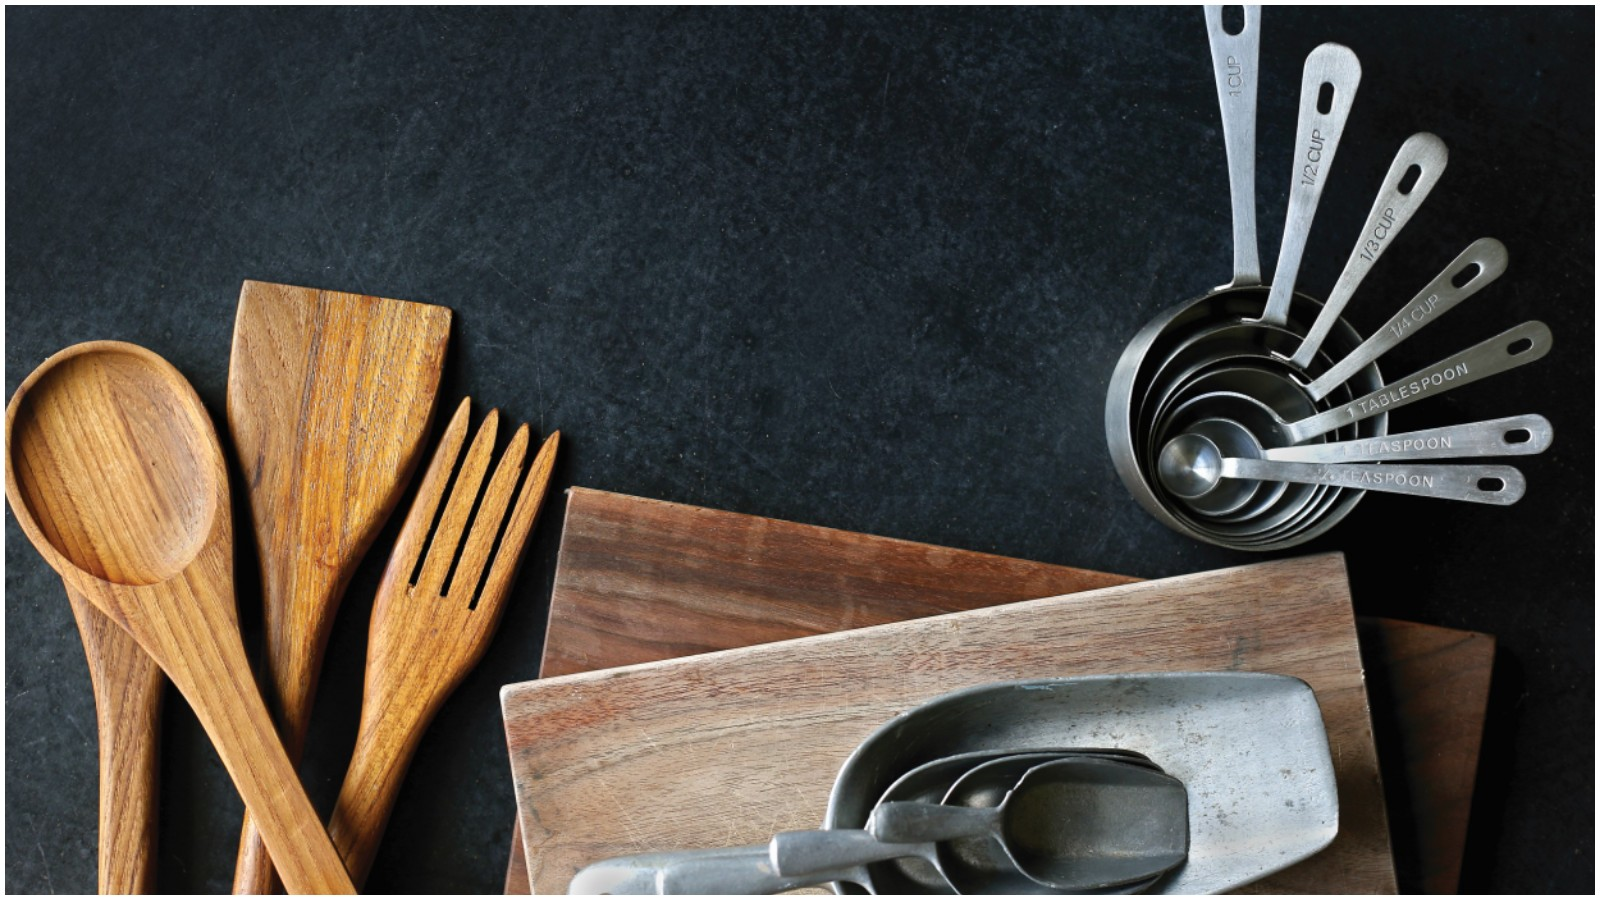 יריד אמהות מבשלות יחד צילום שטרסטוק